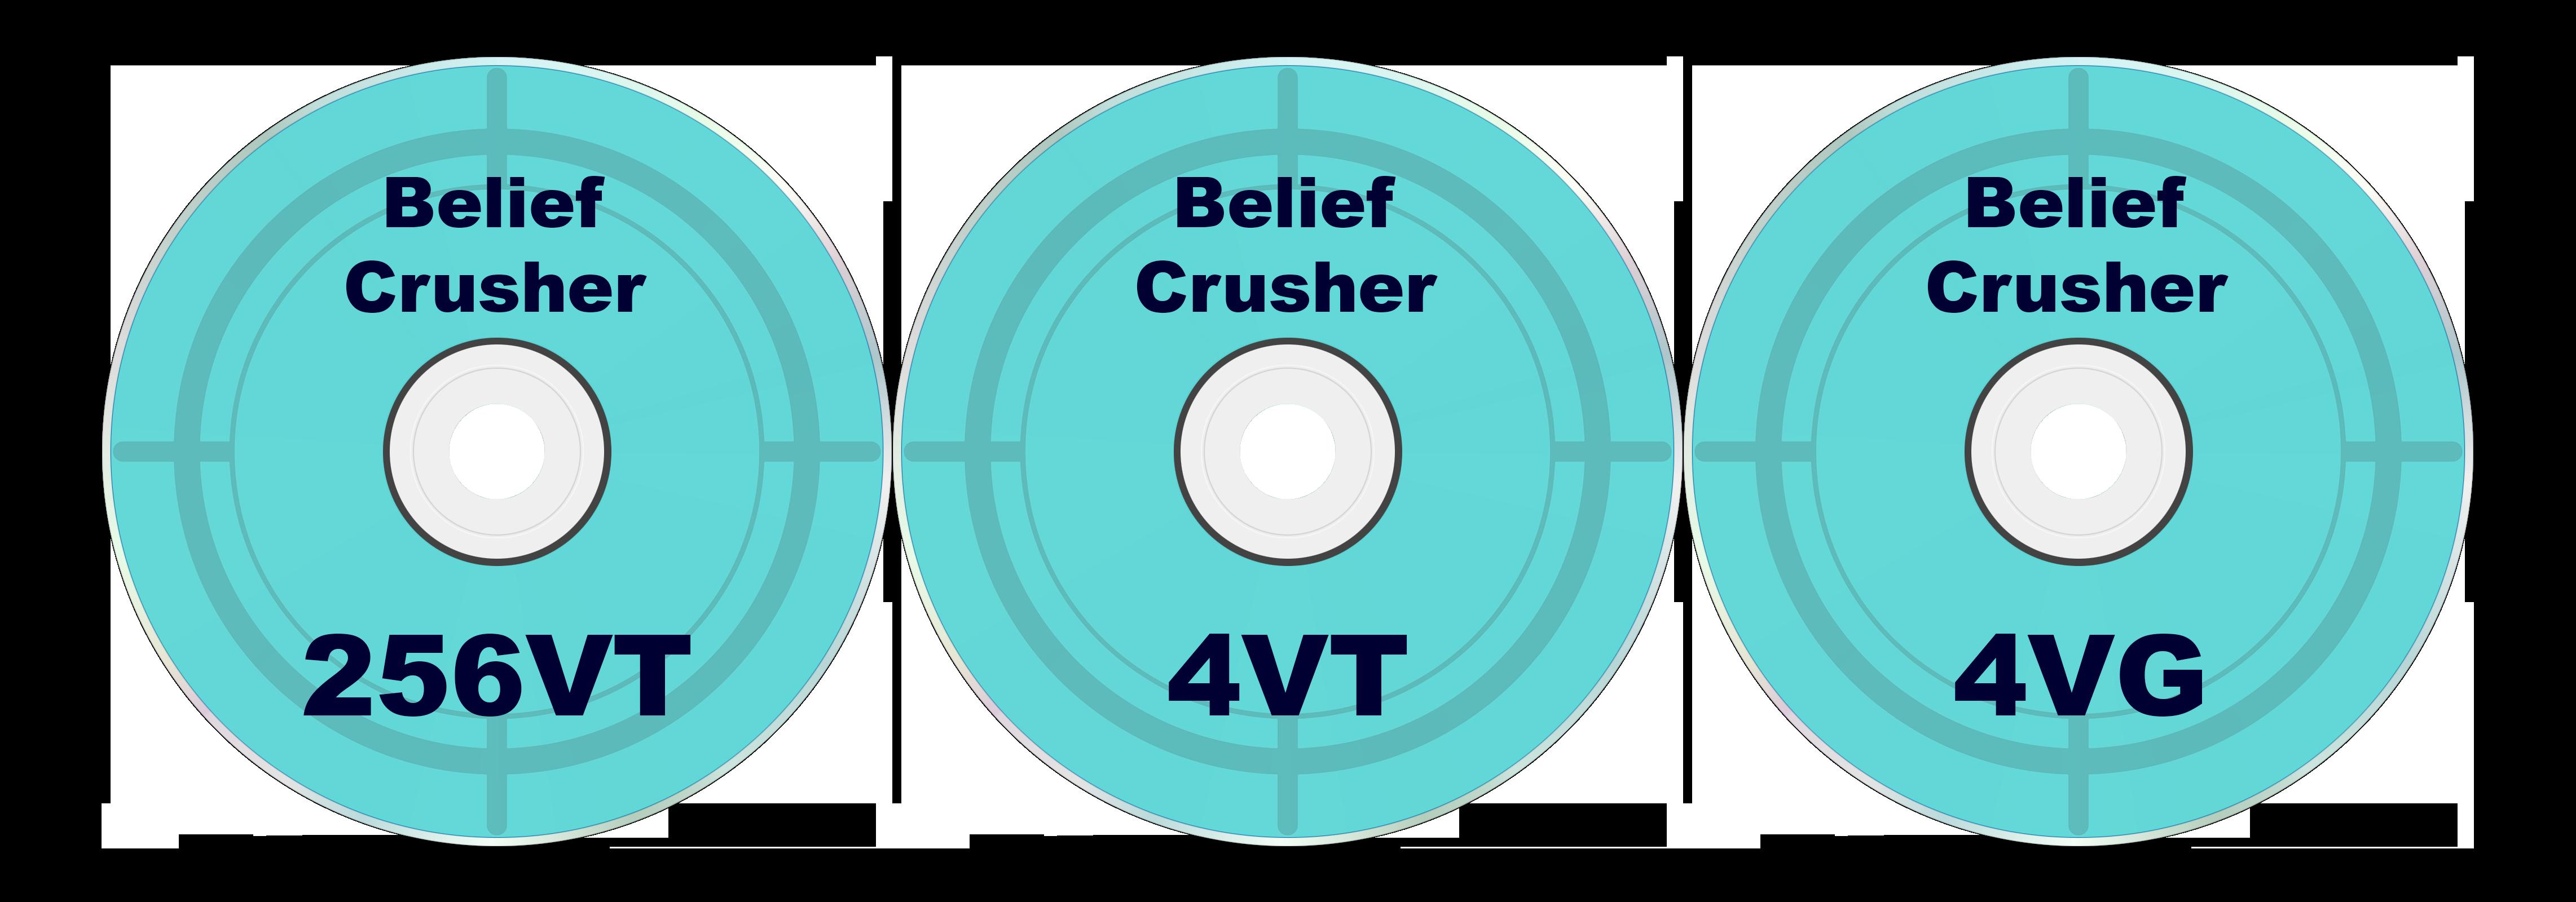 Belief Crusher